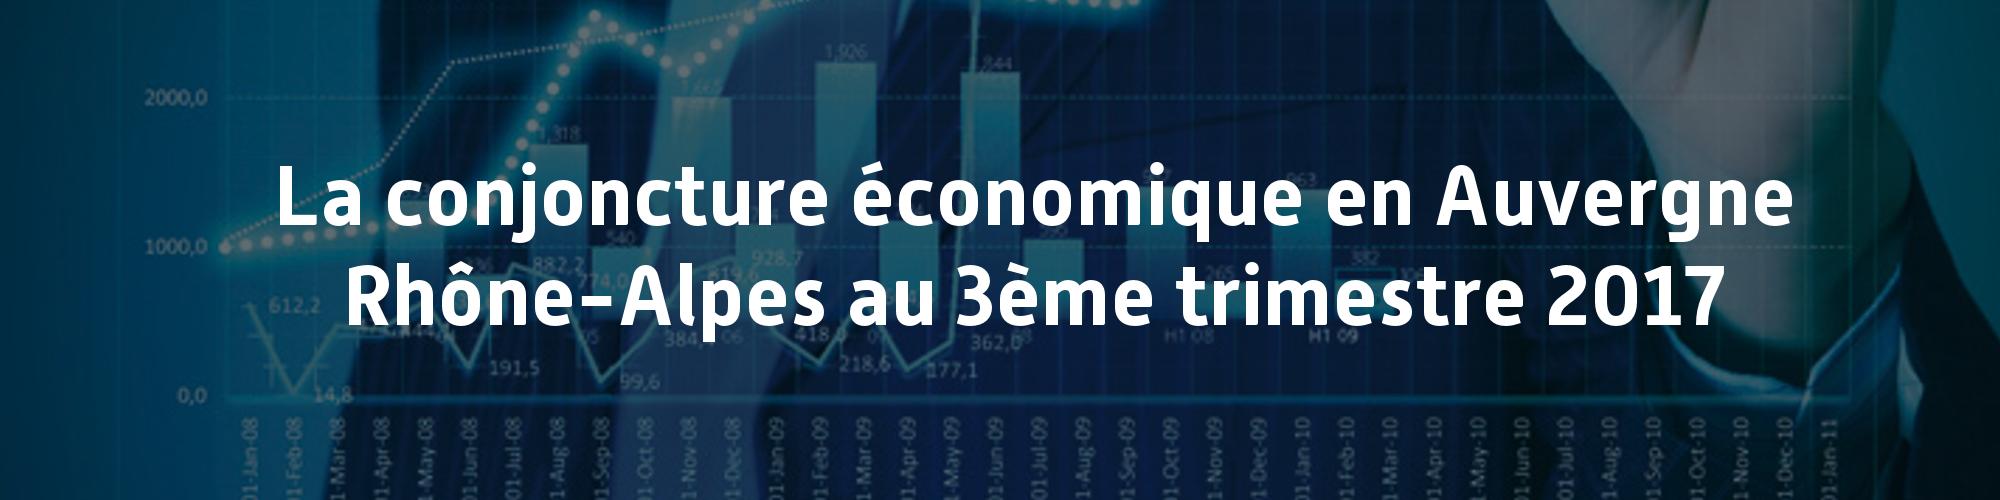 La conjoncture économique en auvergne Rhône-Alpes au 3ème trimestre 2017